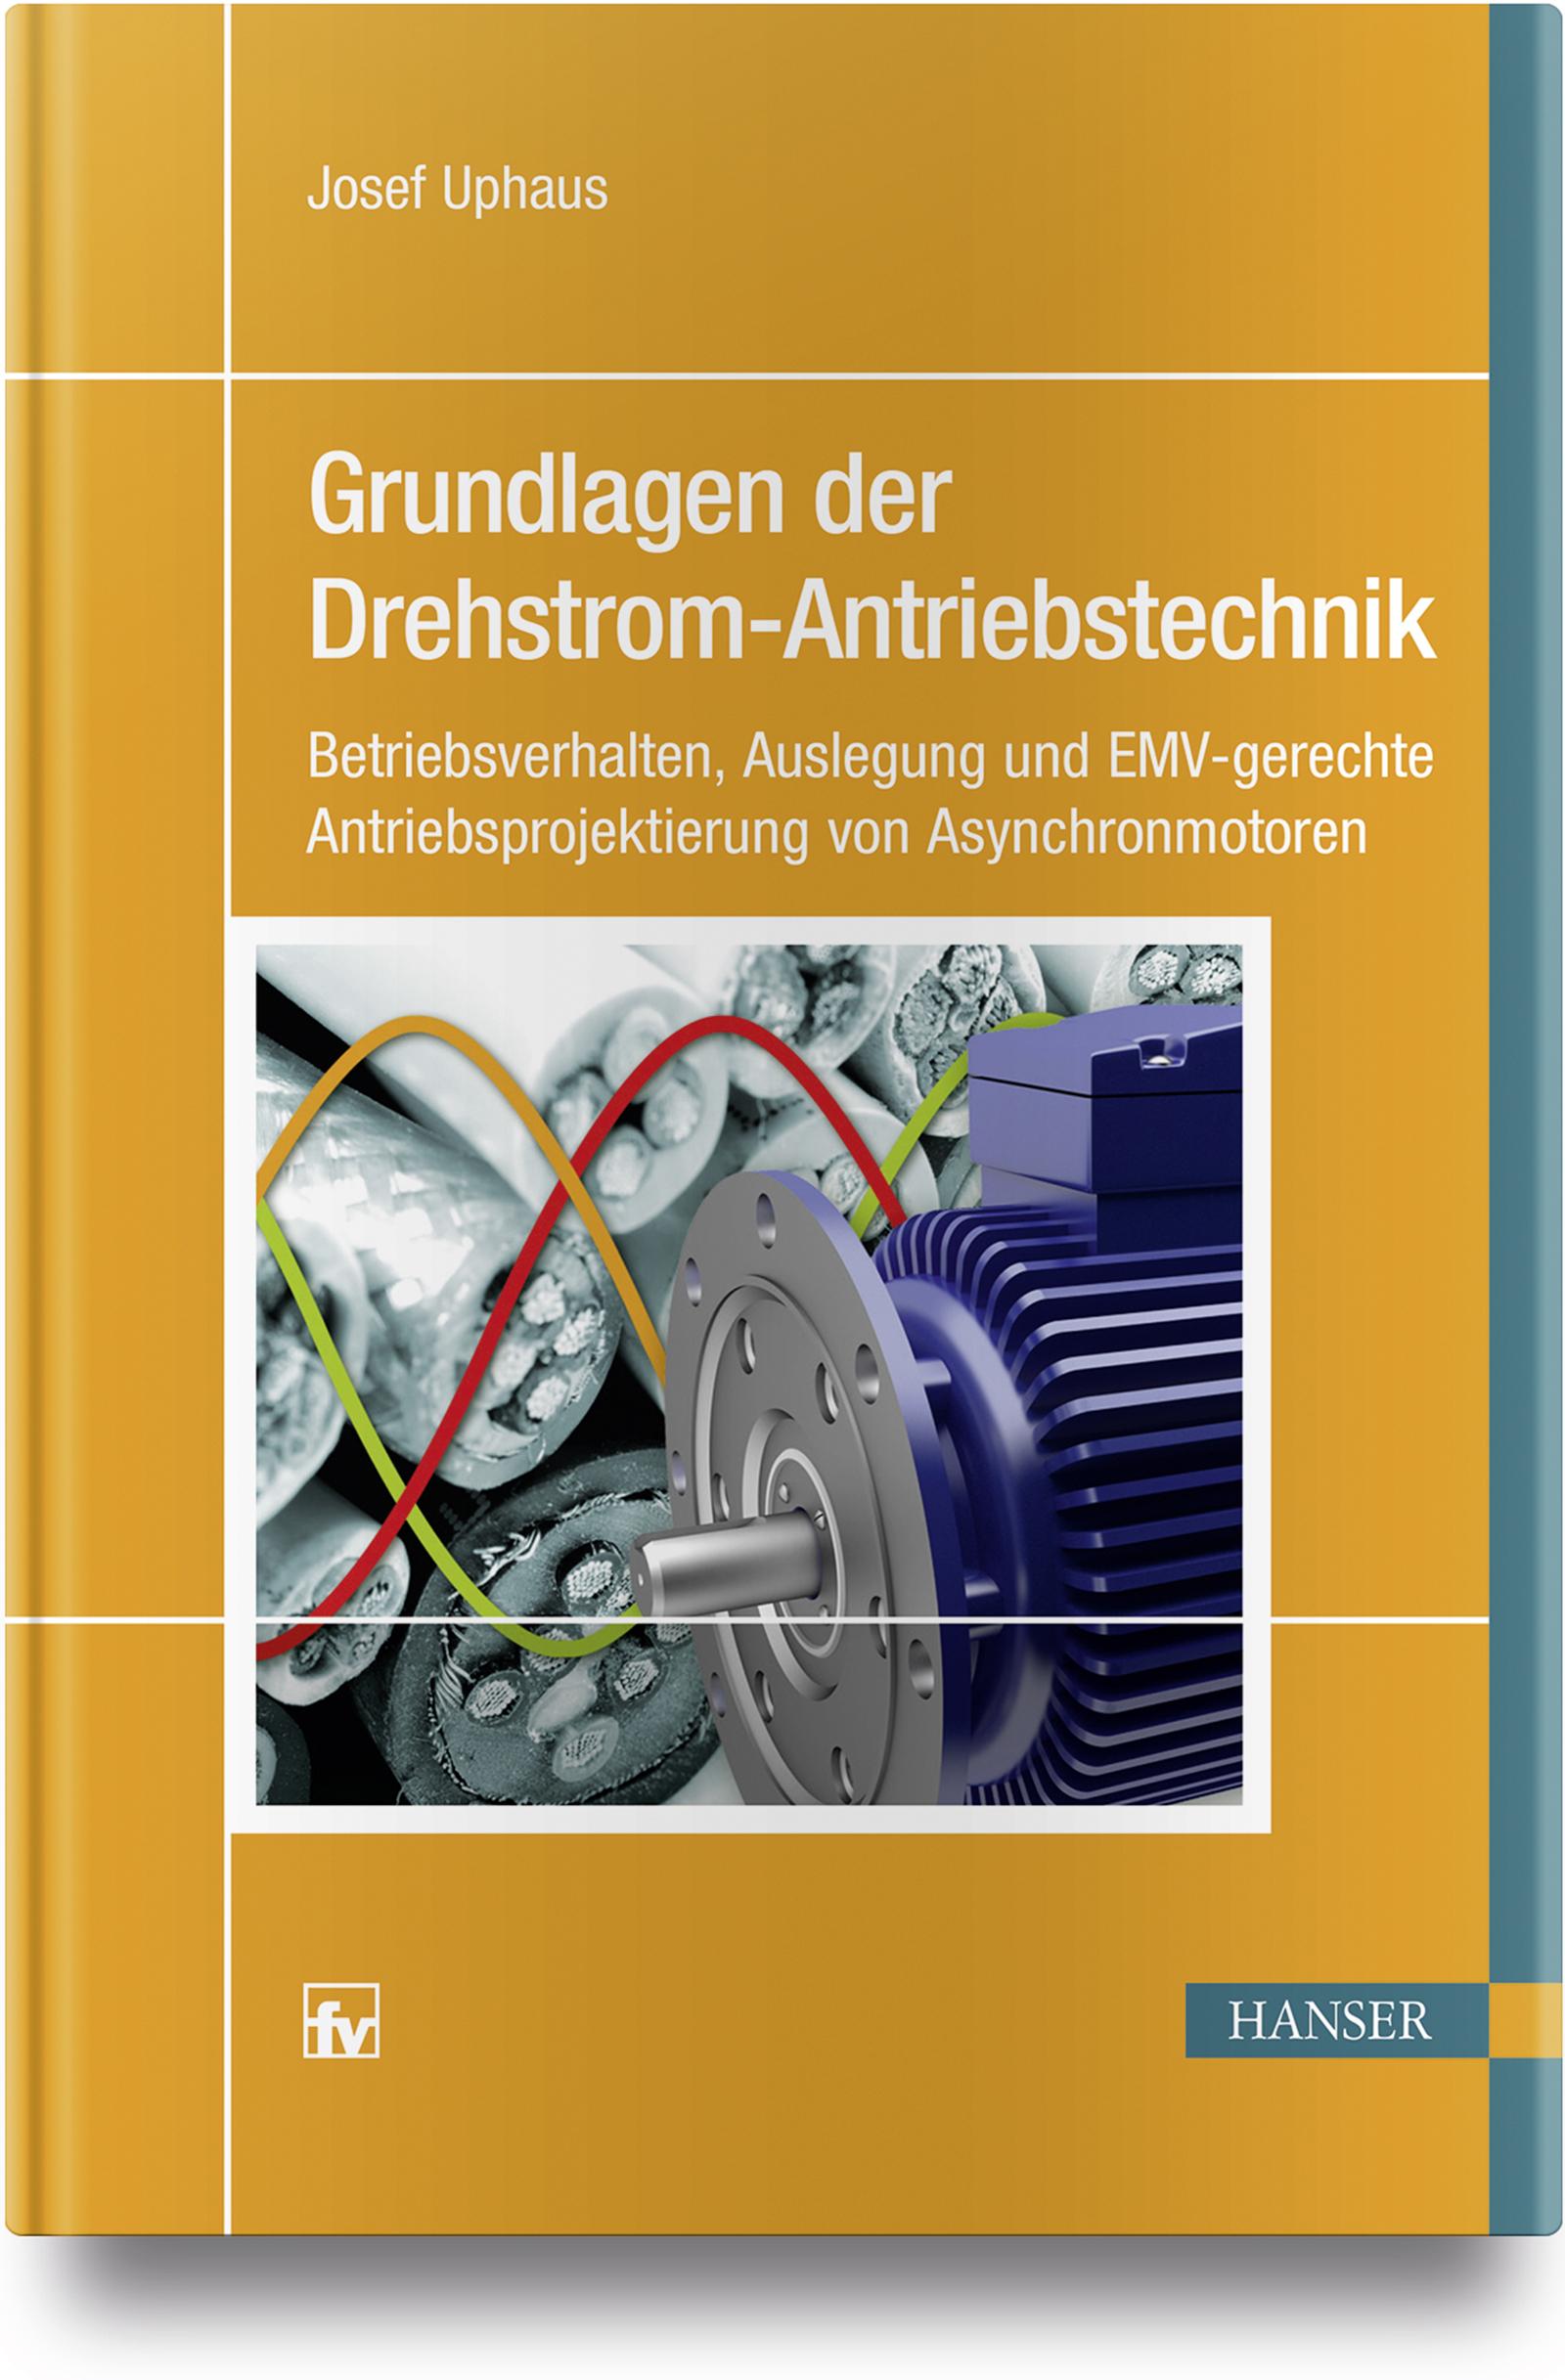 Uphaus, Grundlagen der Drehstrom-Antriebstechnik, 978-3-446-45495-8